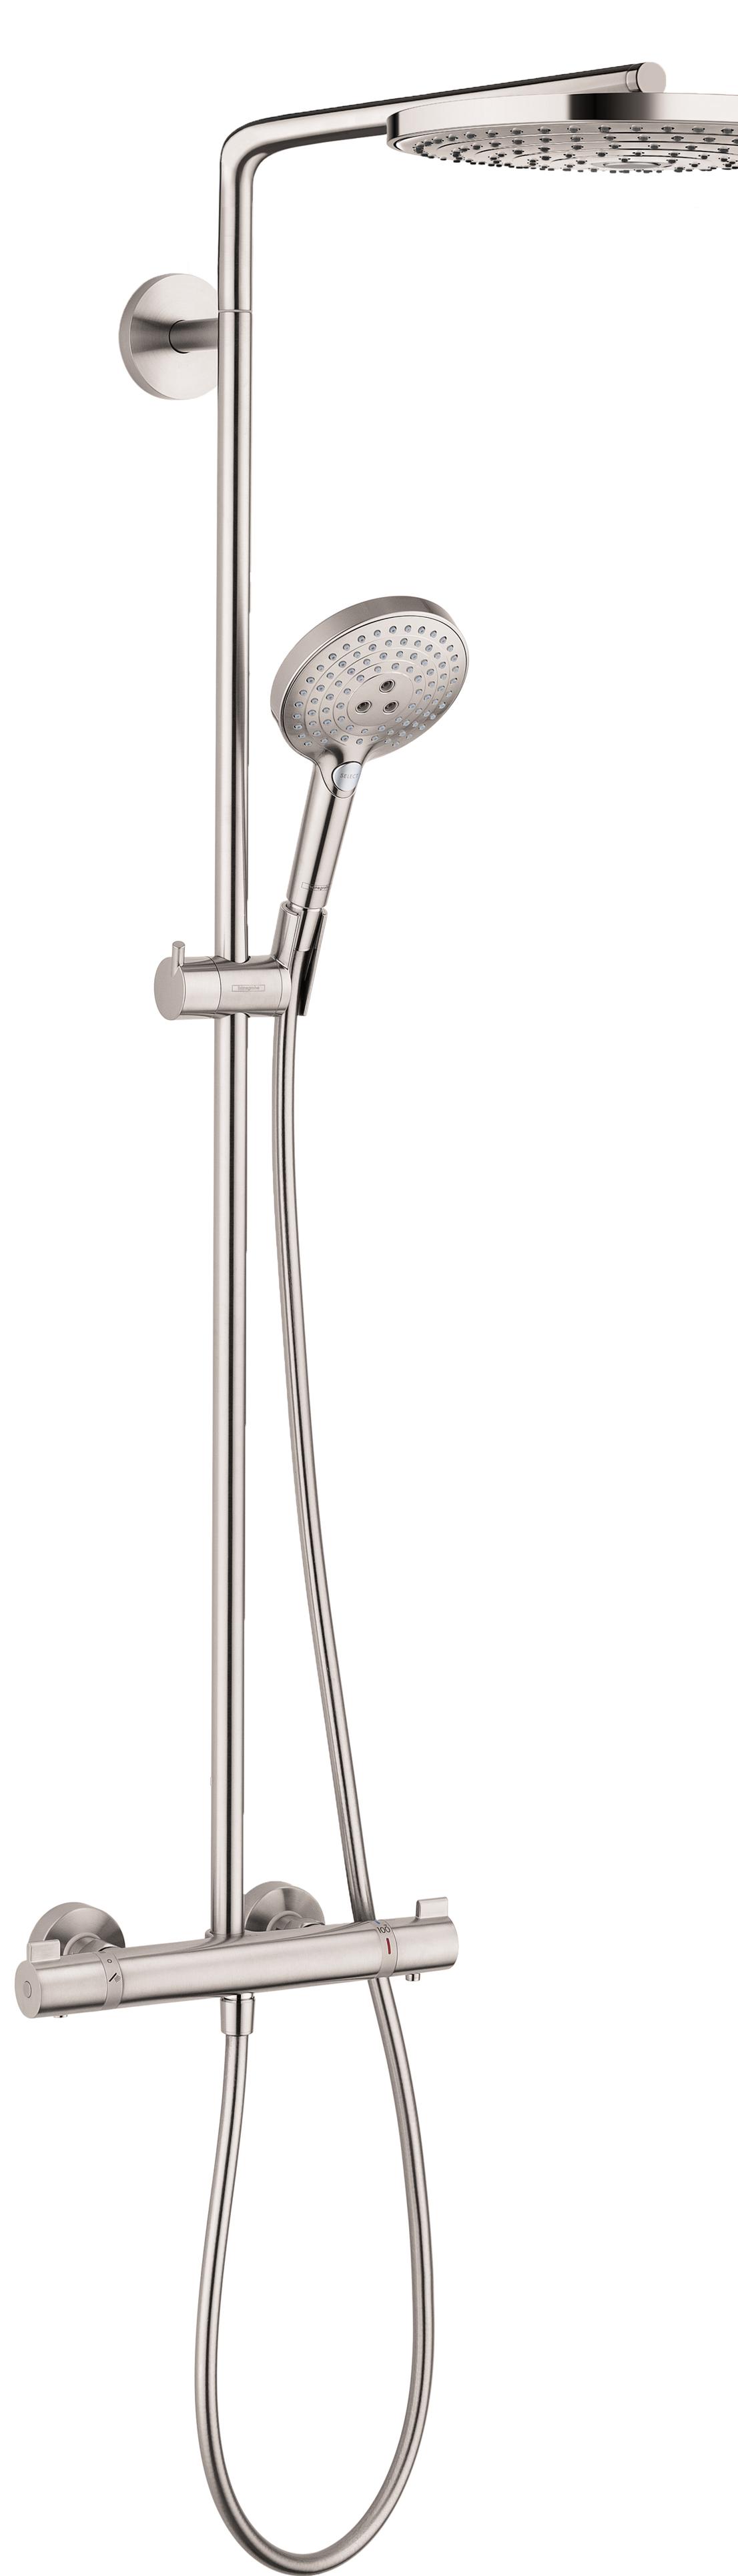 Hansgrohe Showerpipe 240 2-Jet, 2.5 GPM